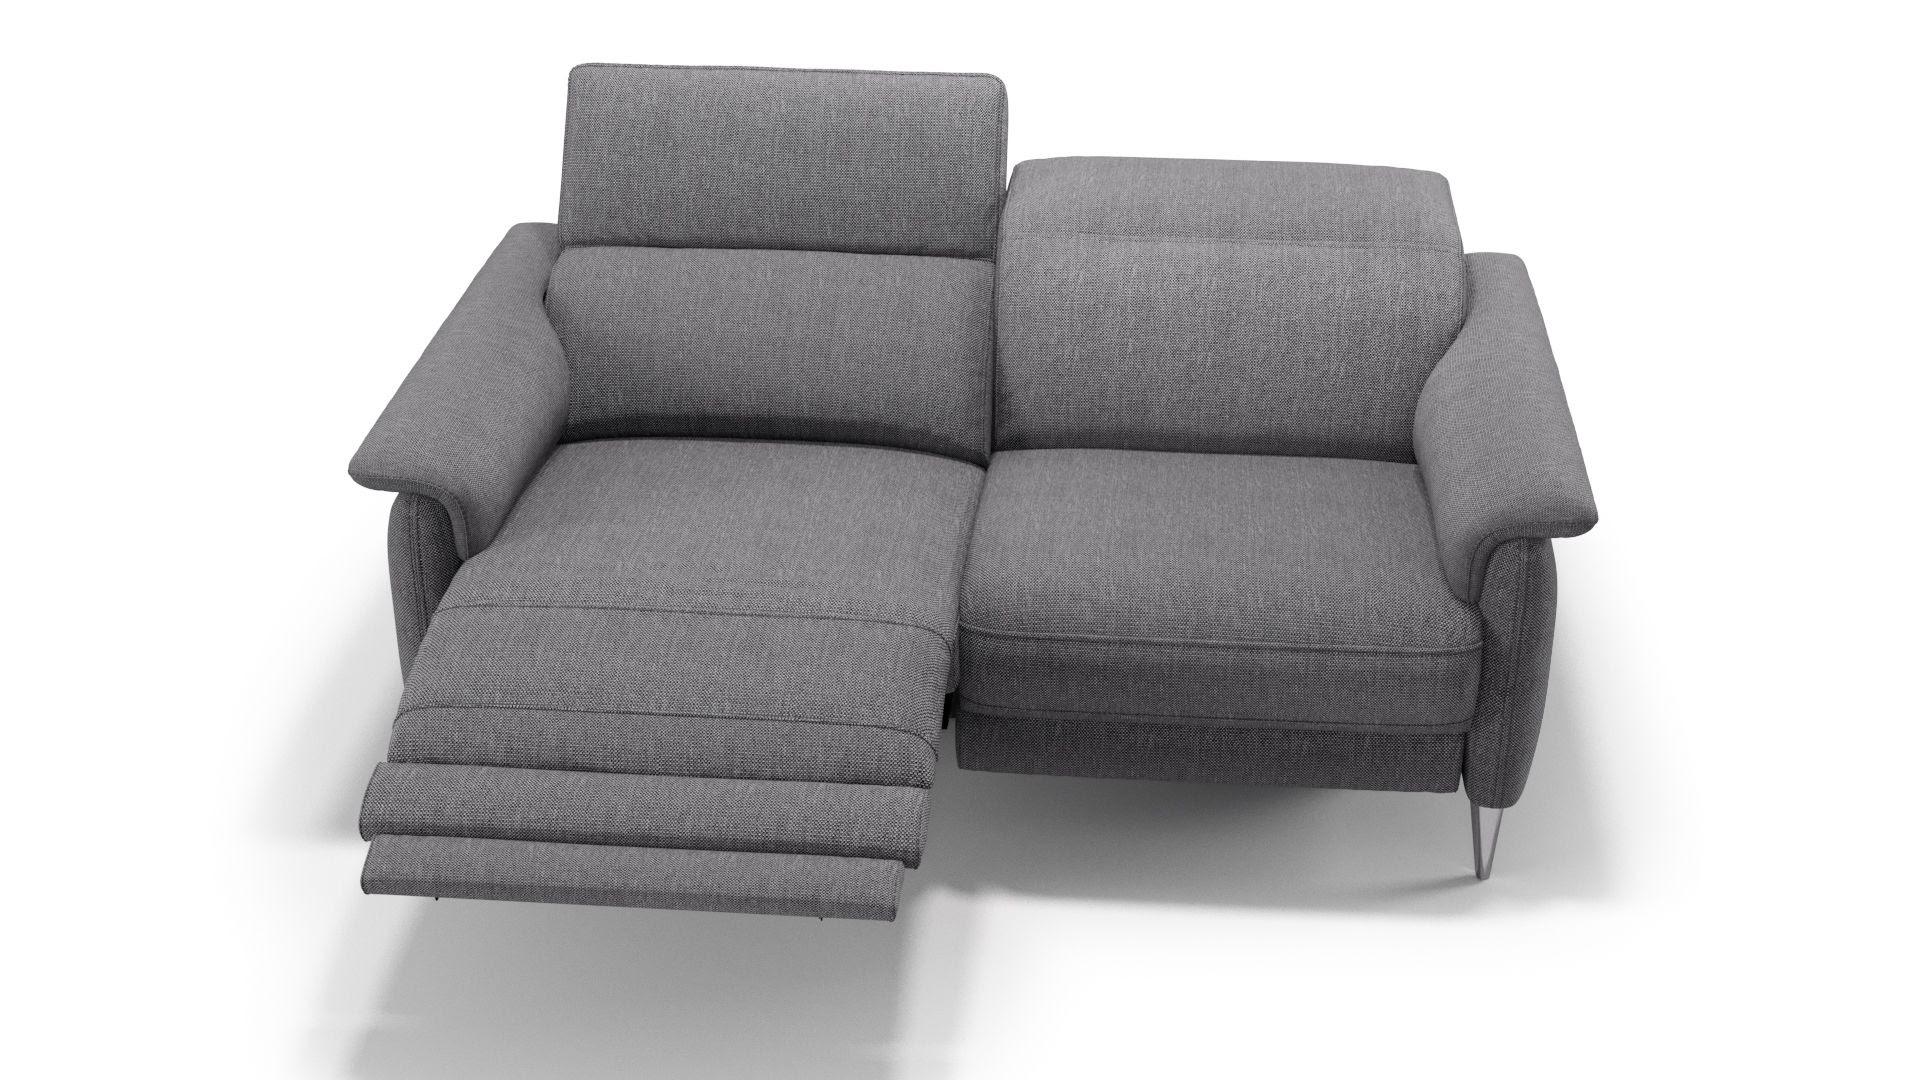 2 Sitzer Sofa Mit Relaxfunktion Elektrisch Leder 5 Grau ...